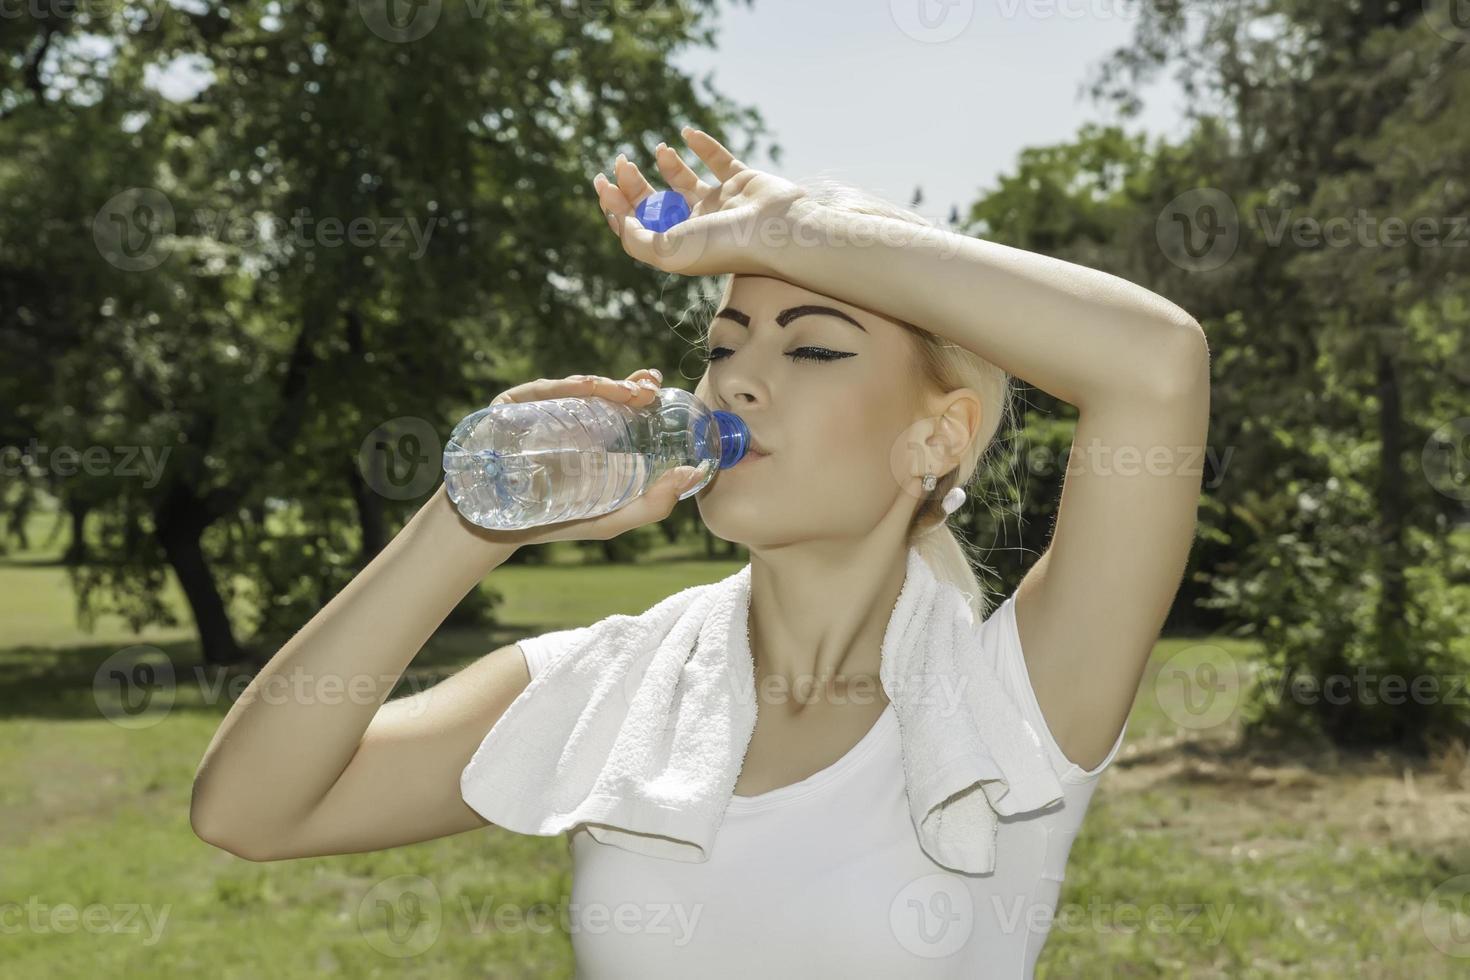 acqua potabile della donna bionda attraente foto